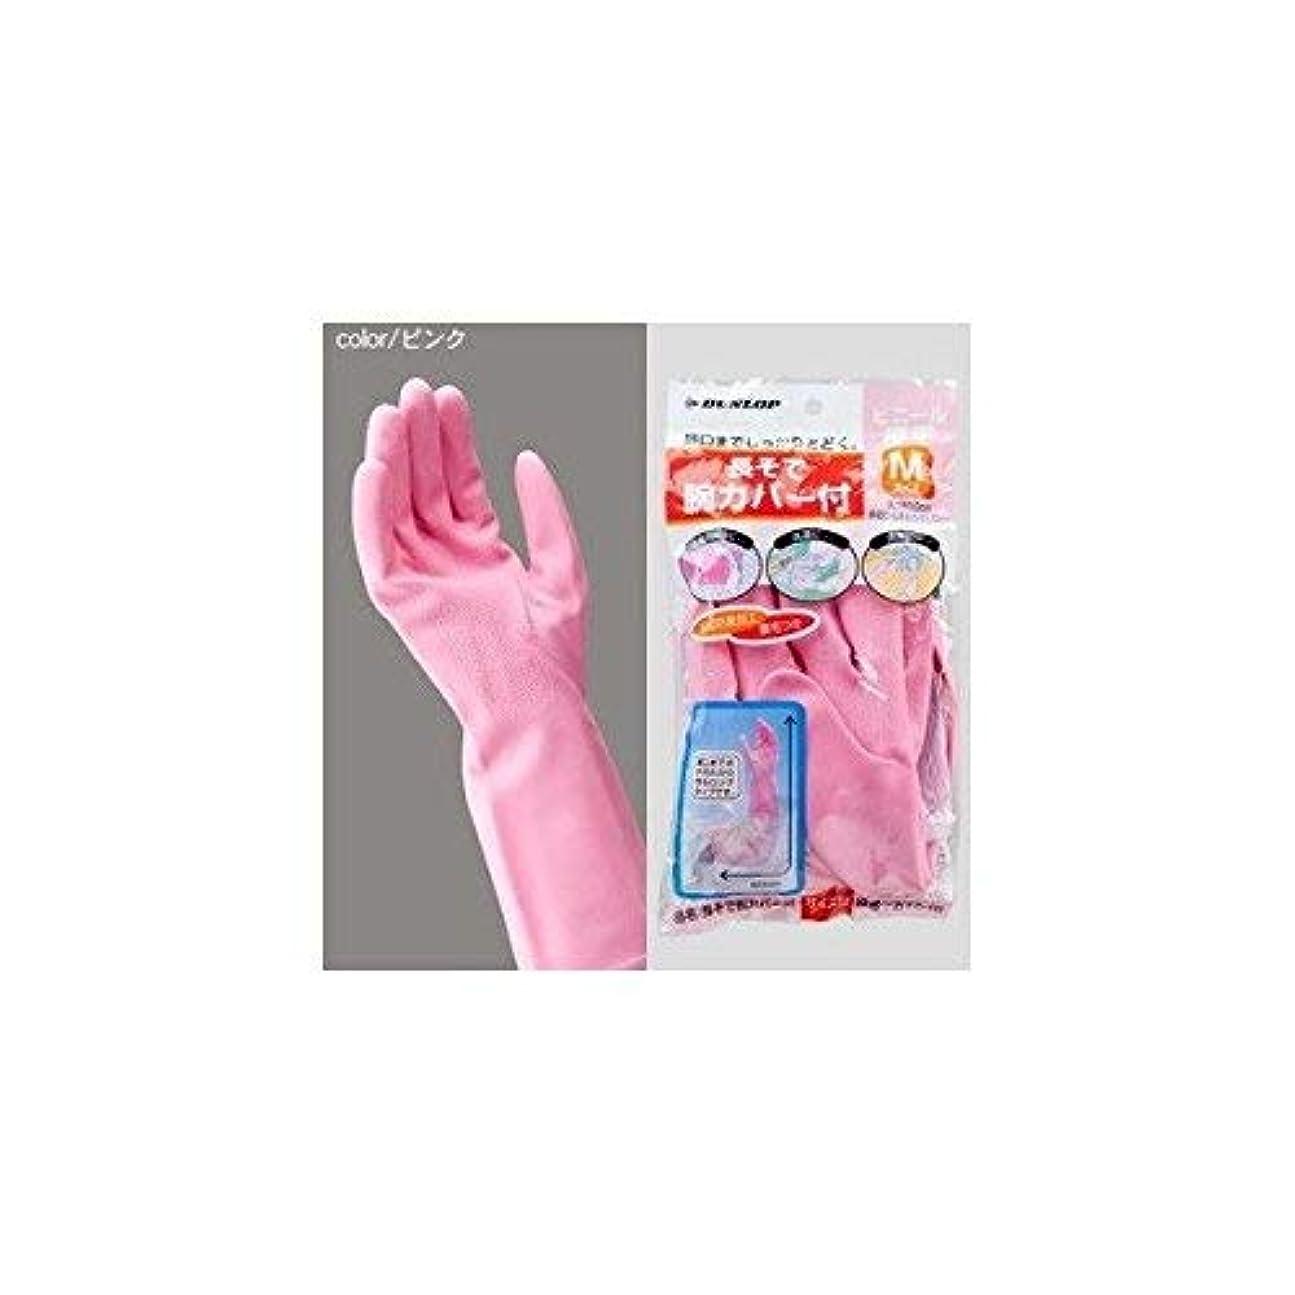 ちょうつがい変動する飼いならすダンロップ ビニール手袋 厚手腕カバー付 M ピンク ×30個